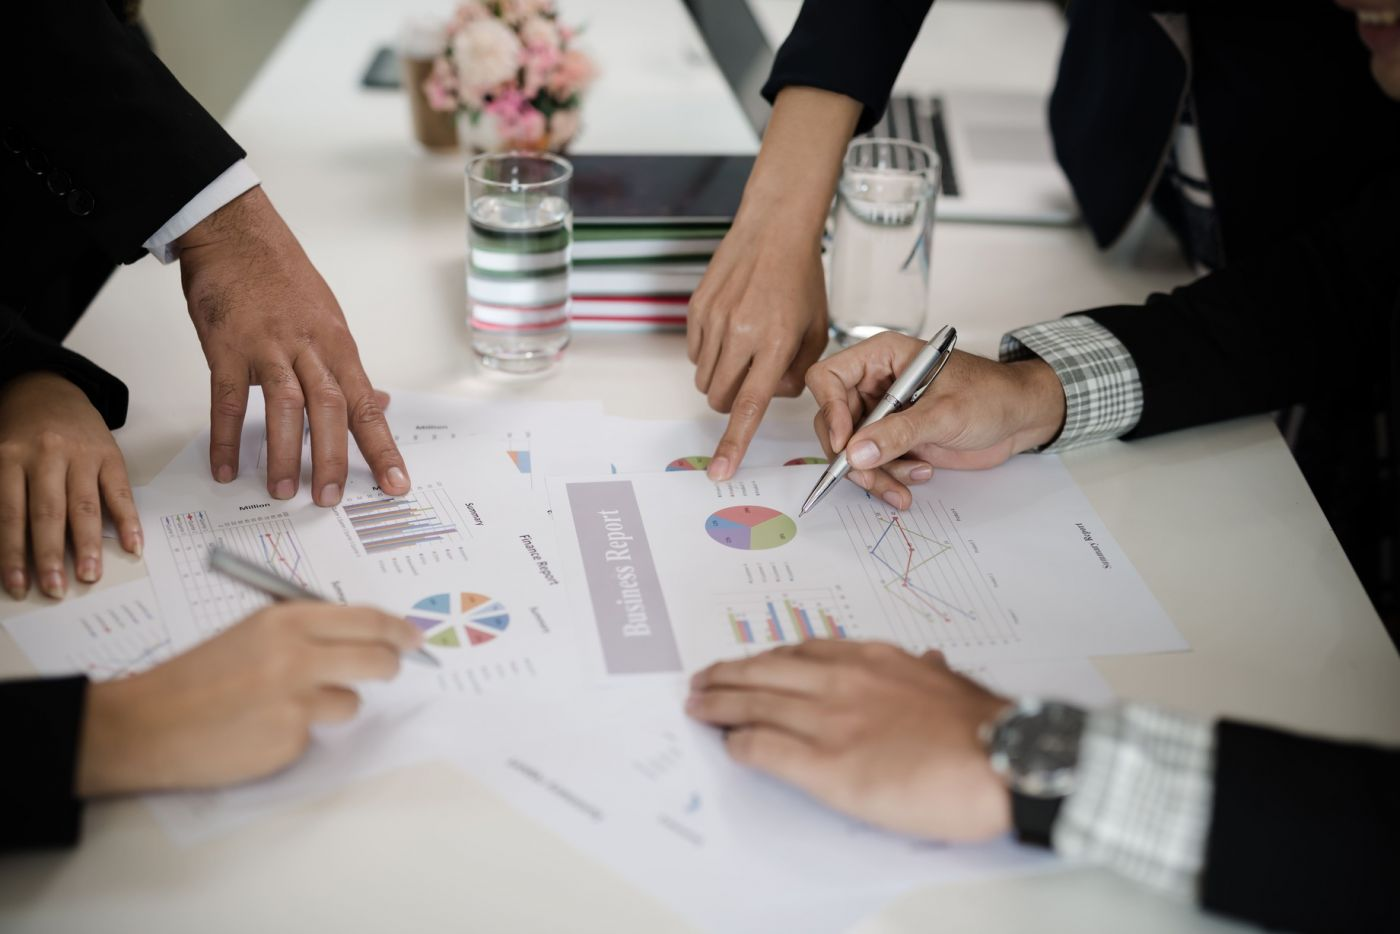 Foto aproximada de uma mesa de reunião, onde aparecem mãos escrevendo e folhas com gráficos em cima da mesa